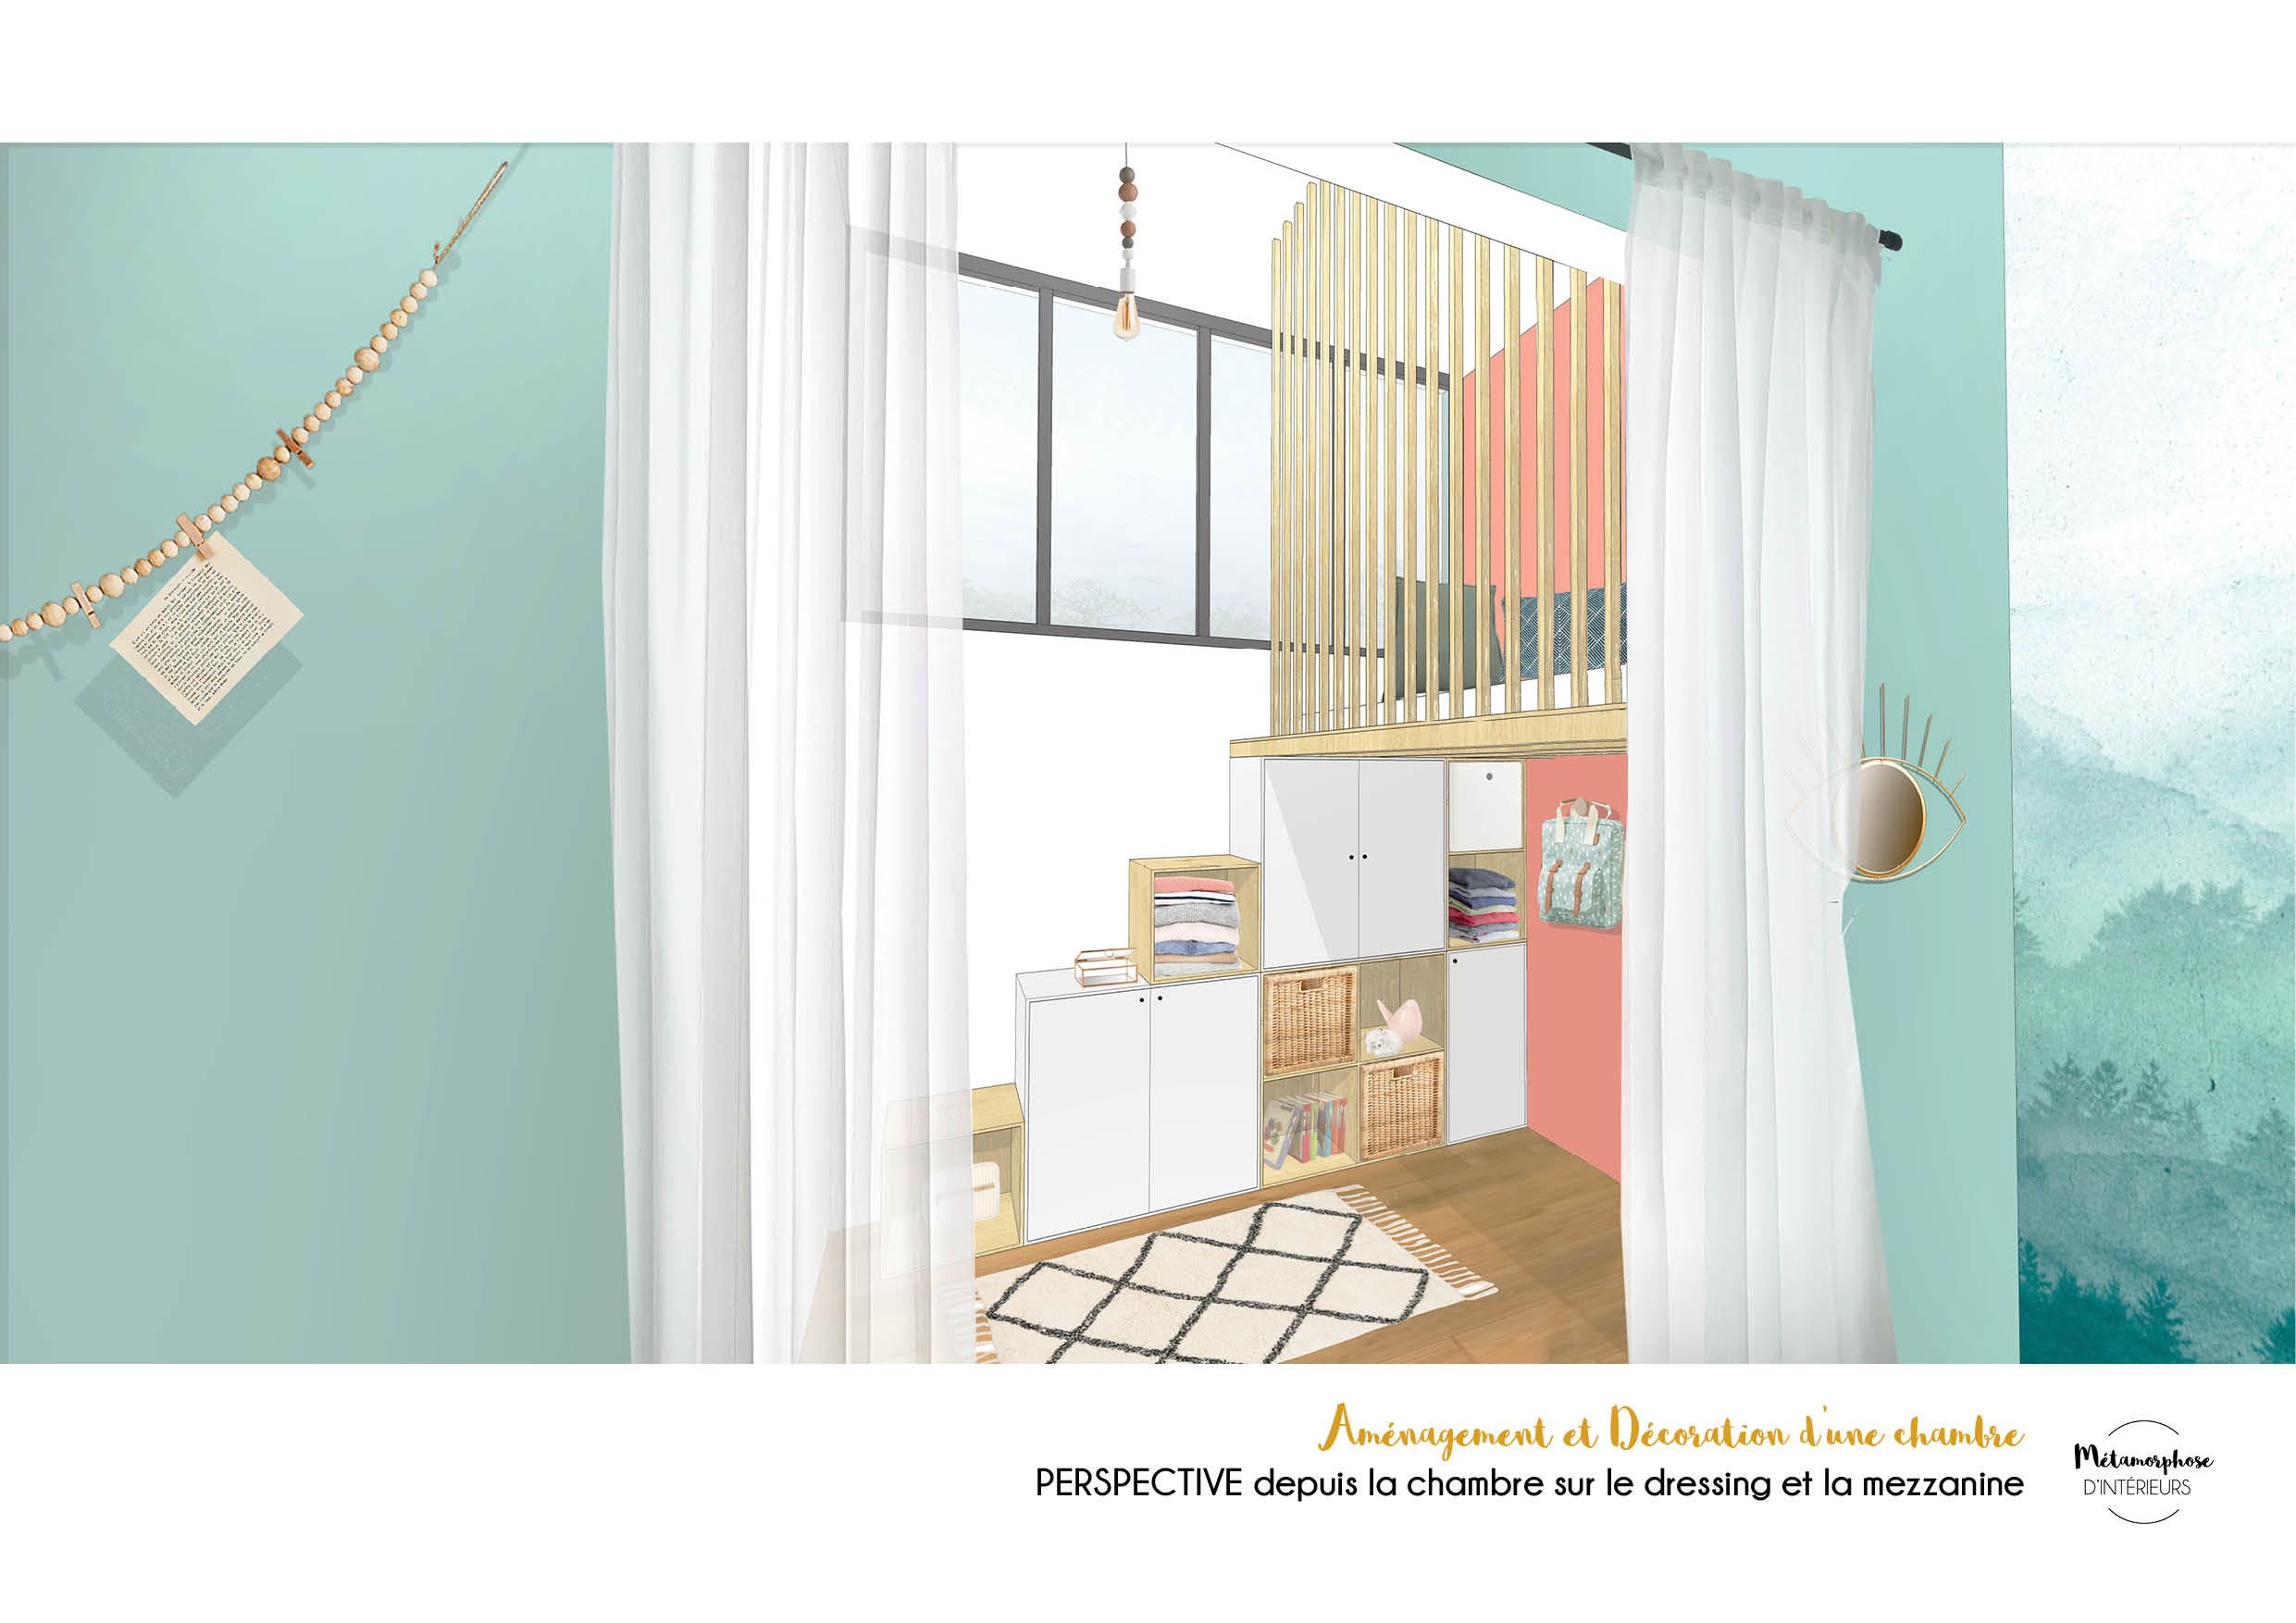 50's - CHAMBRE dressing mezzanine